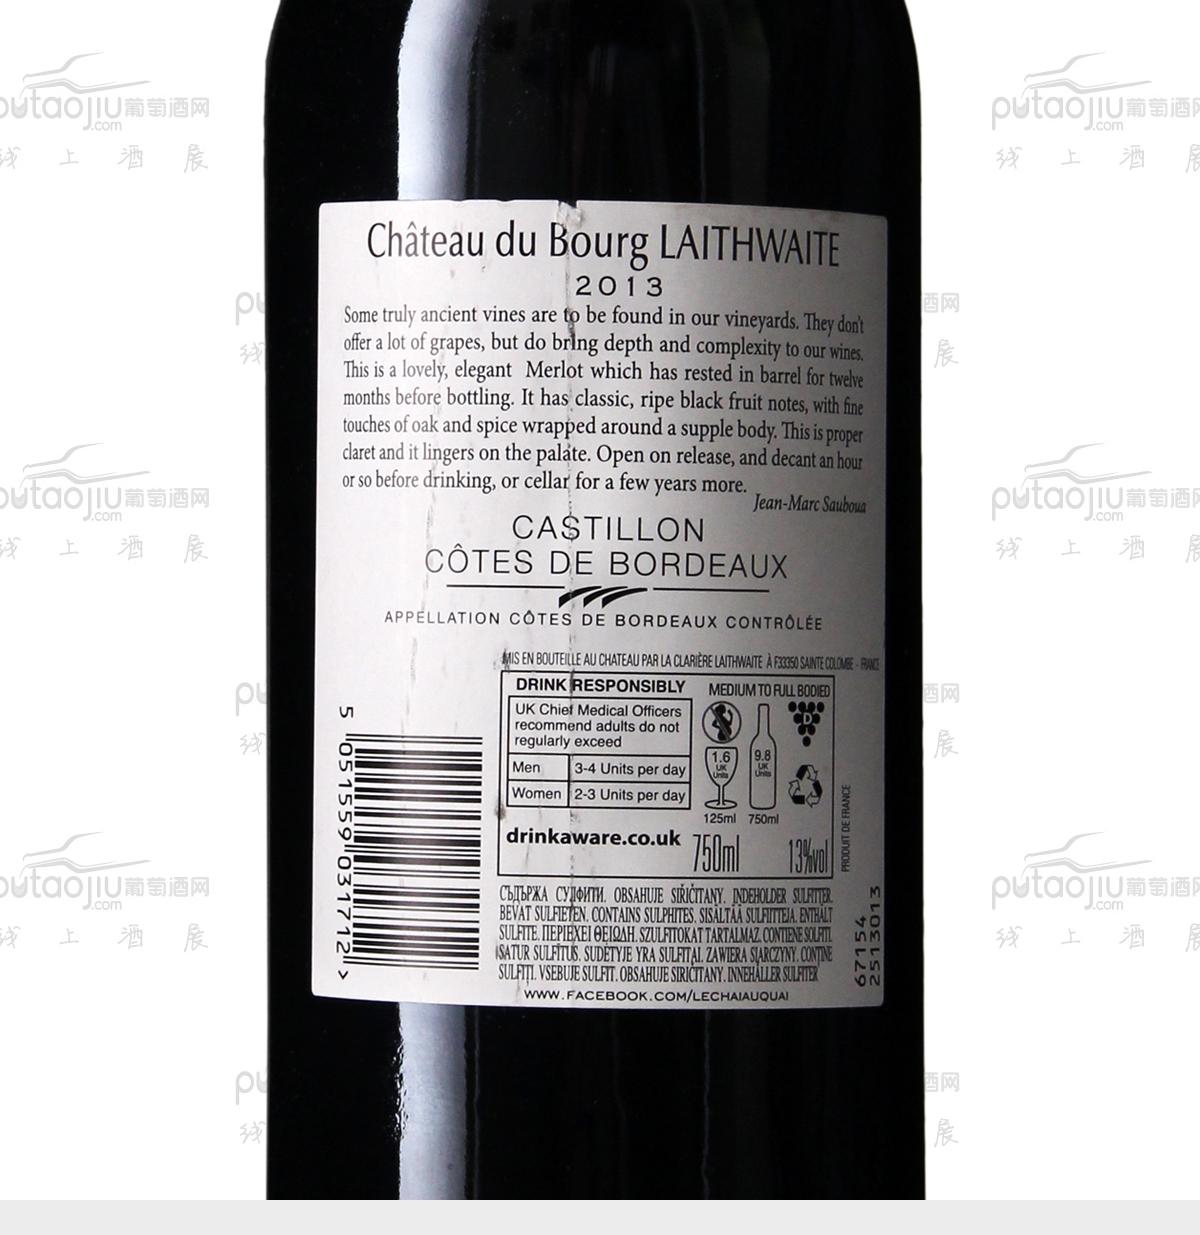 法国波尔多上梅多克勒柴金庄园混酿乐事会布尔堡AOC干红葡萄酒